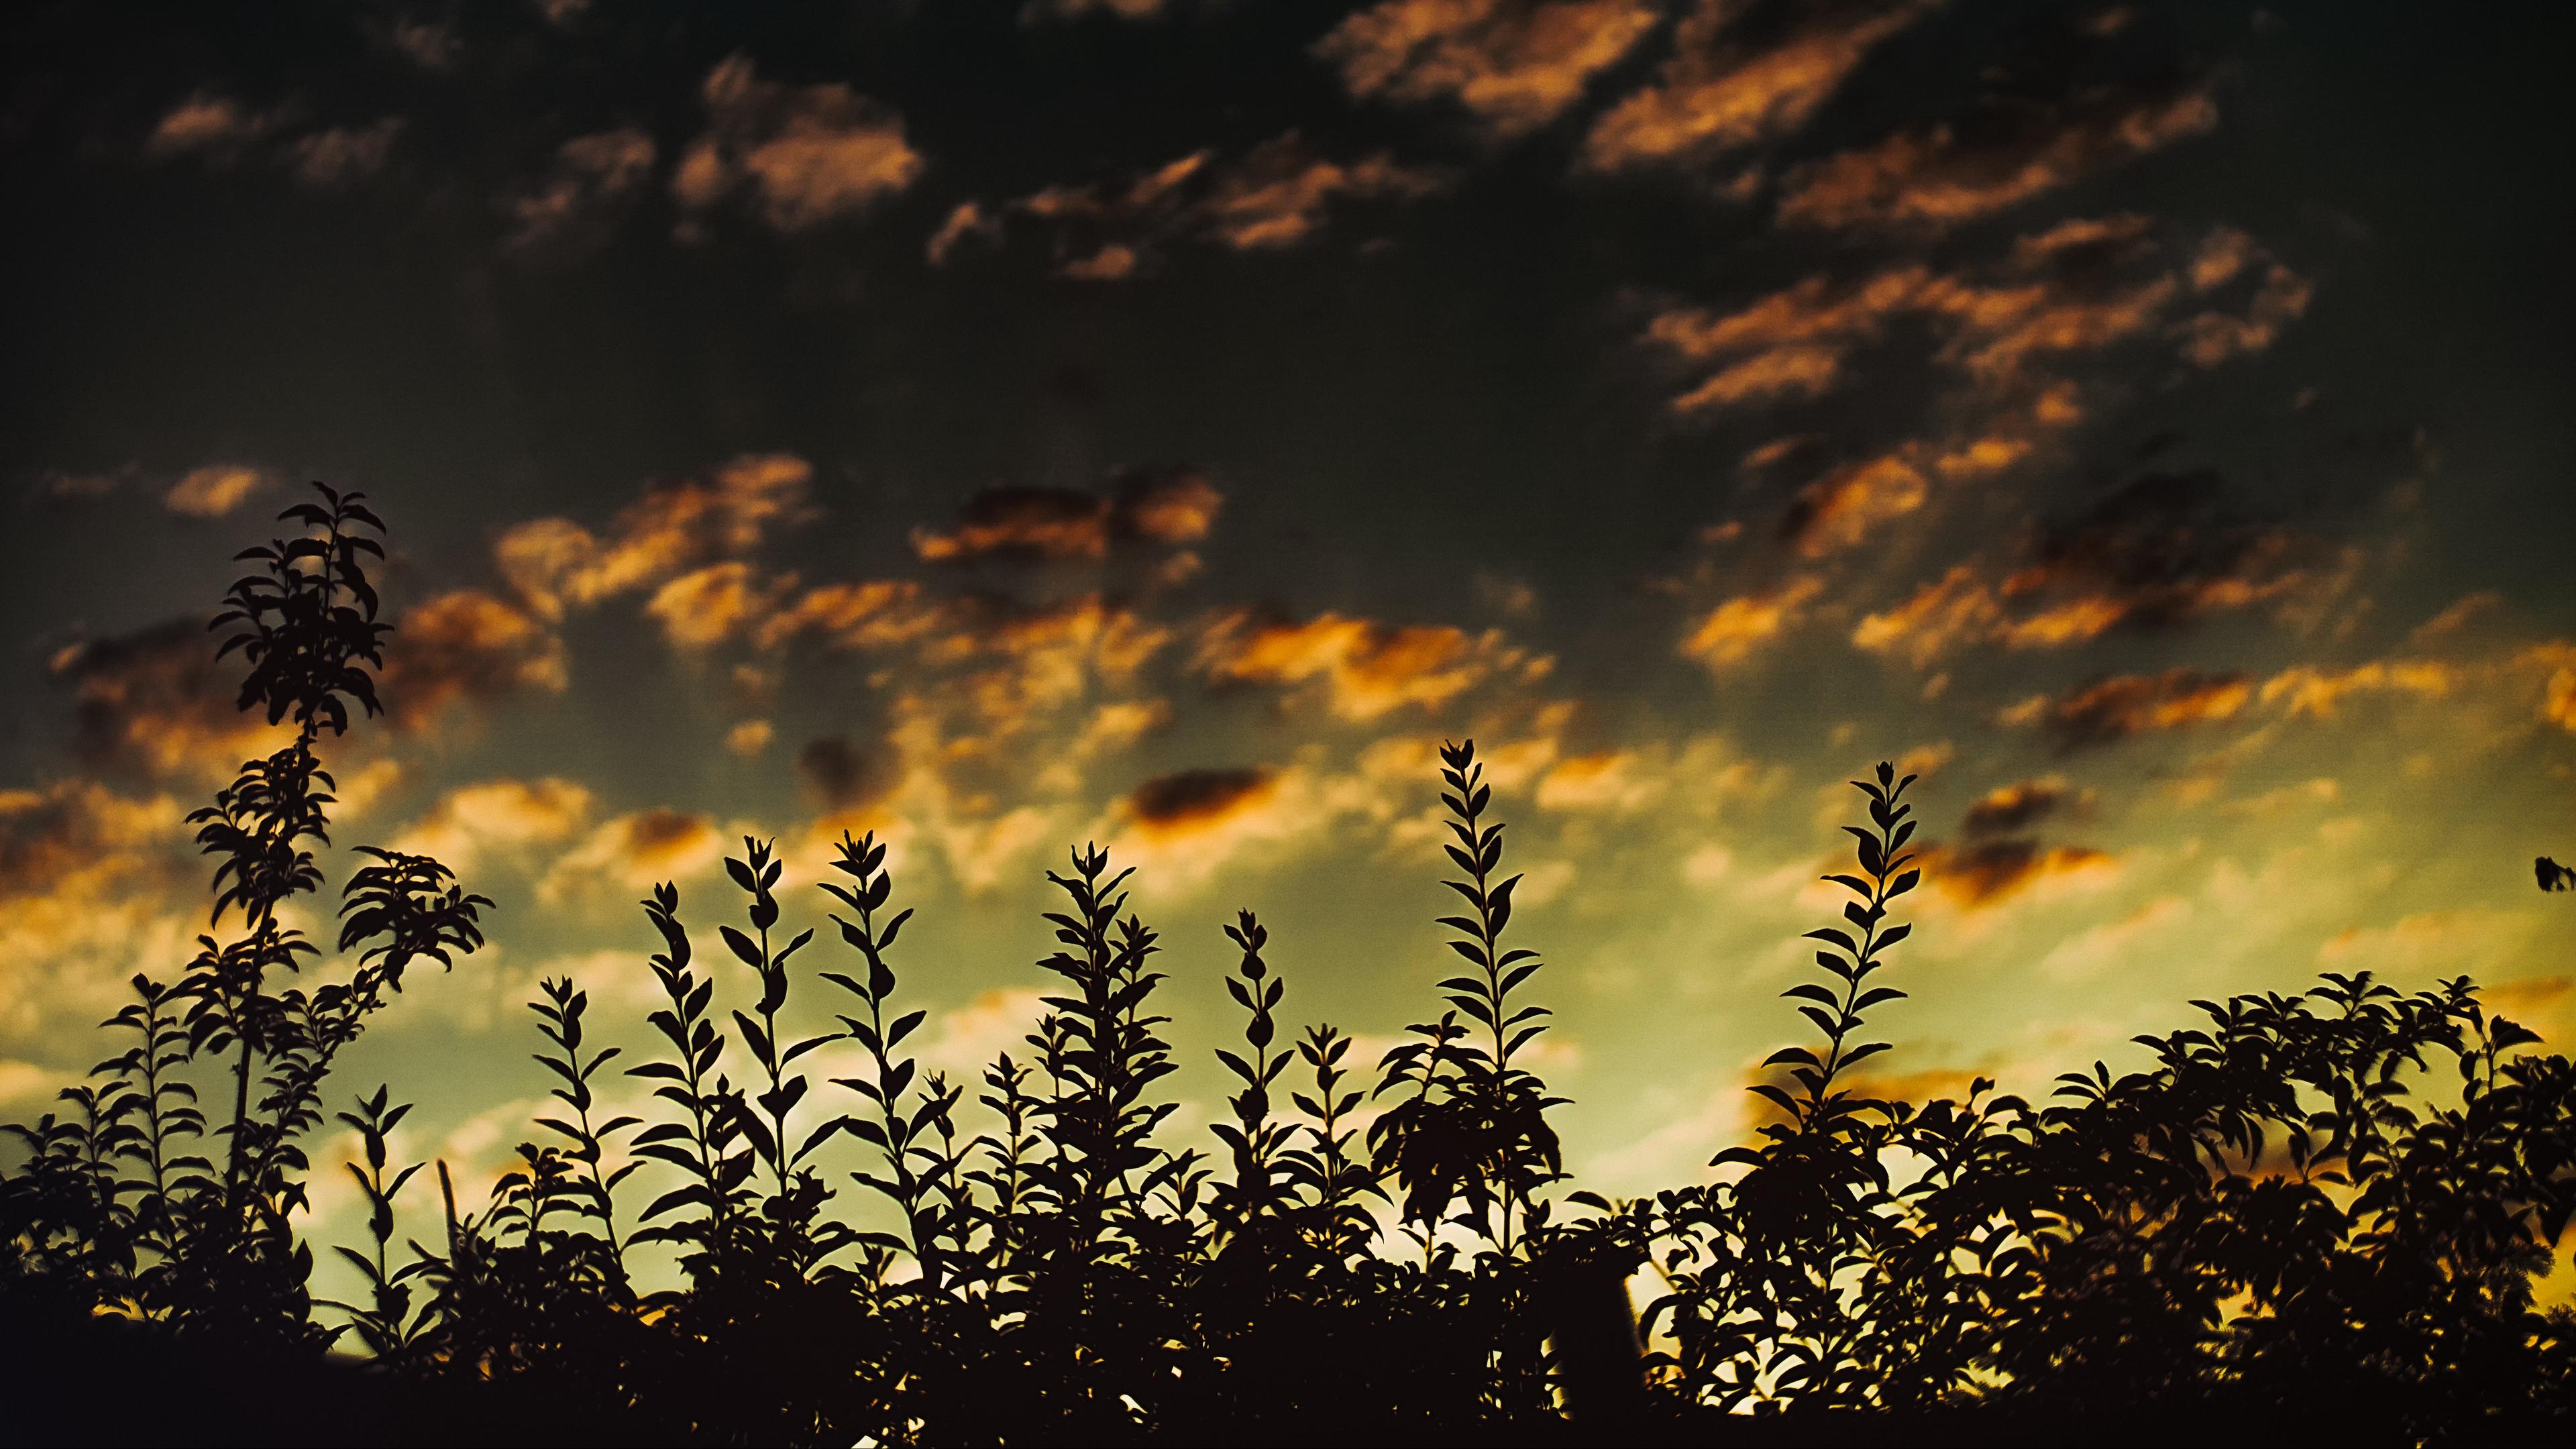 grass sunset clouds dark 4k 1541116652 - grass, sunset, clouds, dark 4k - sunset, Grass, Clouds